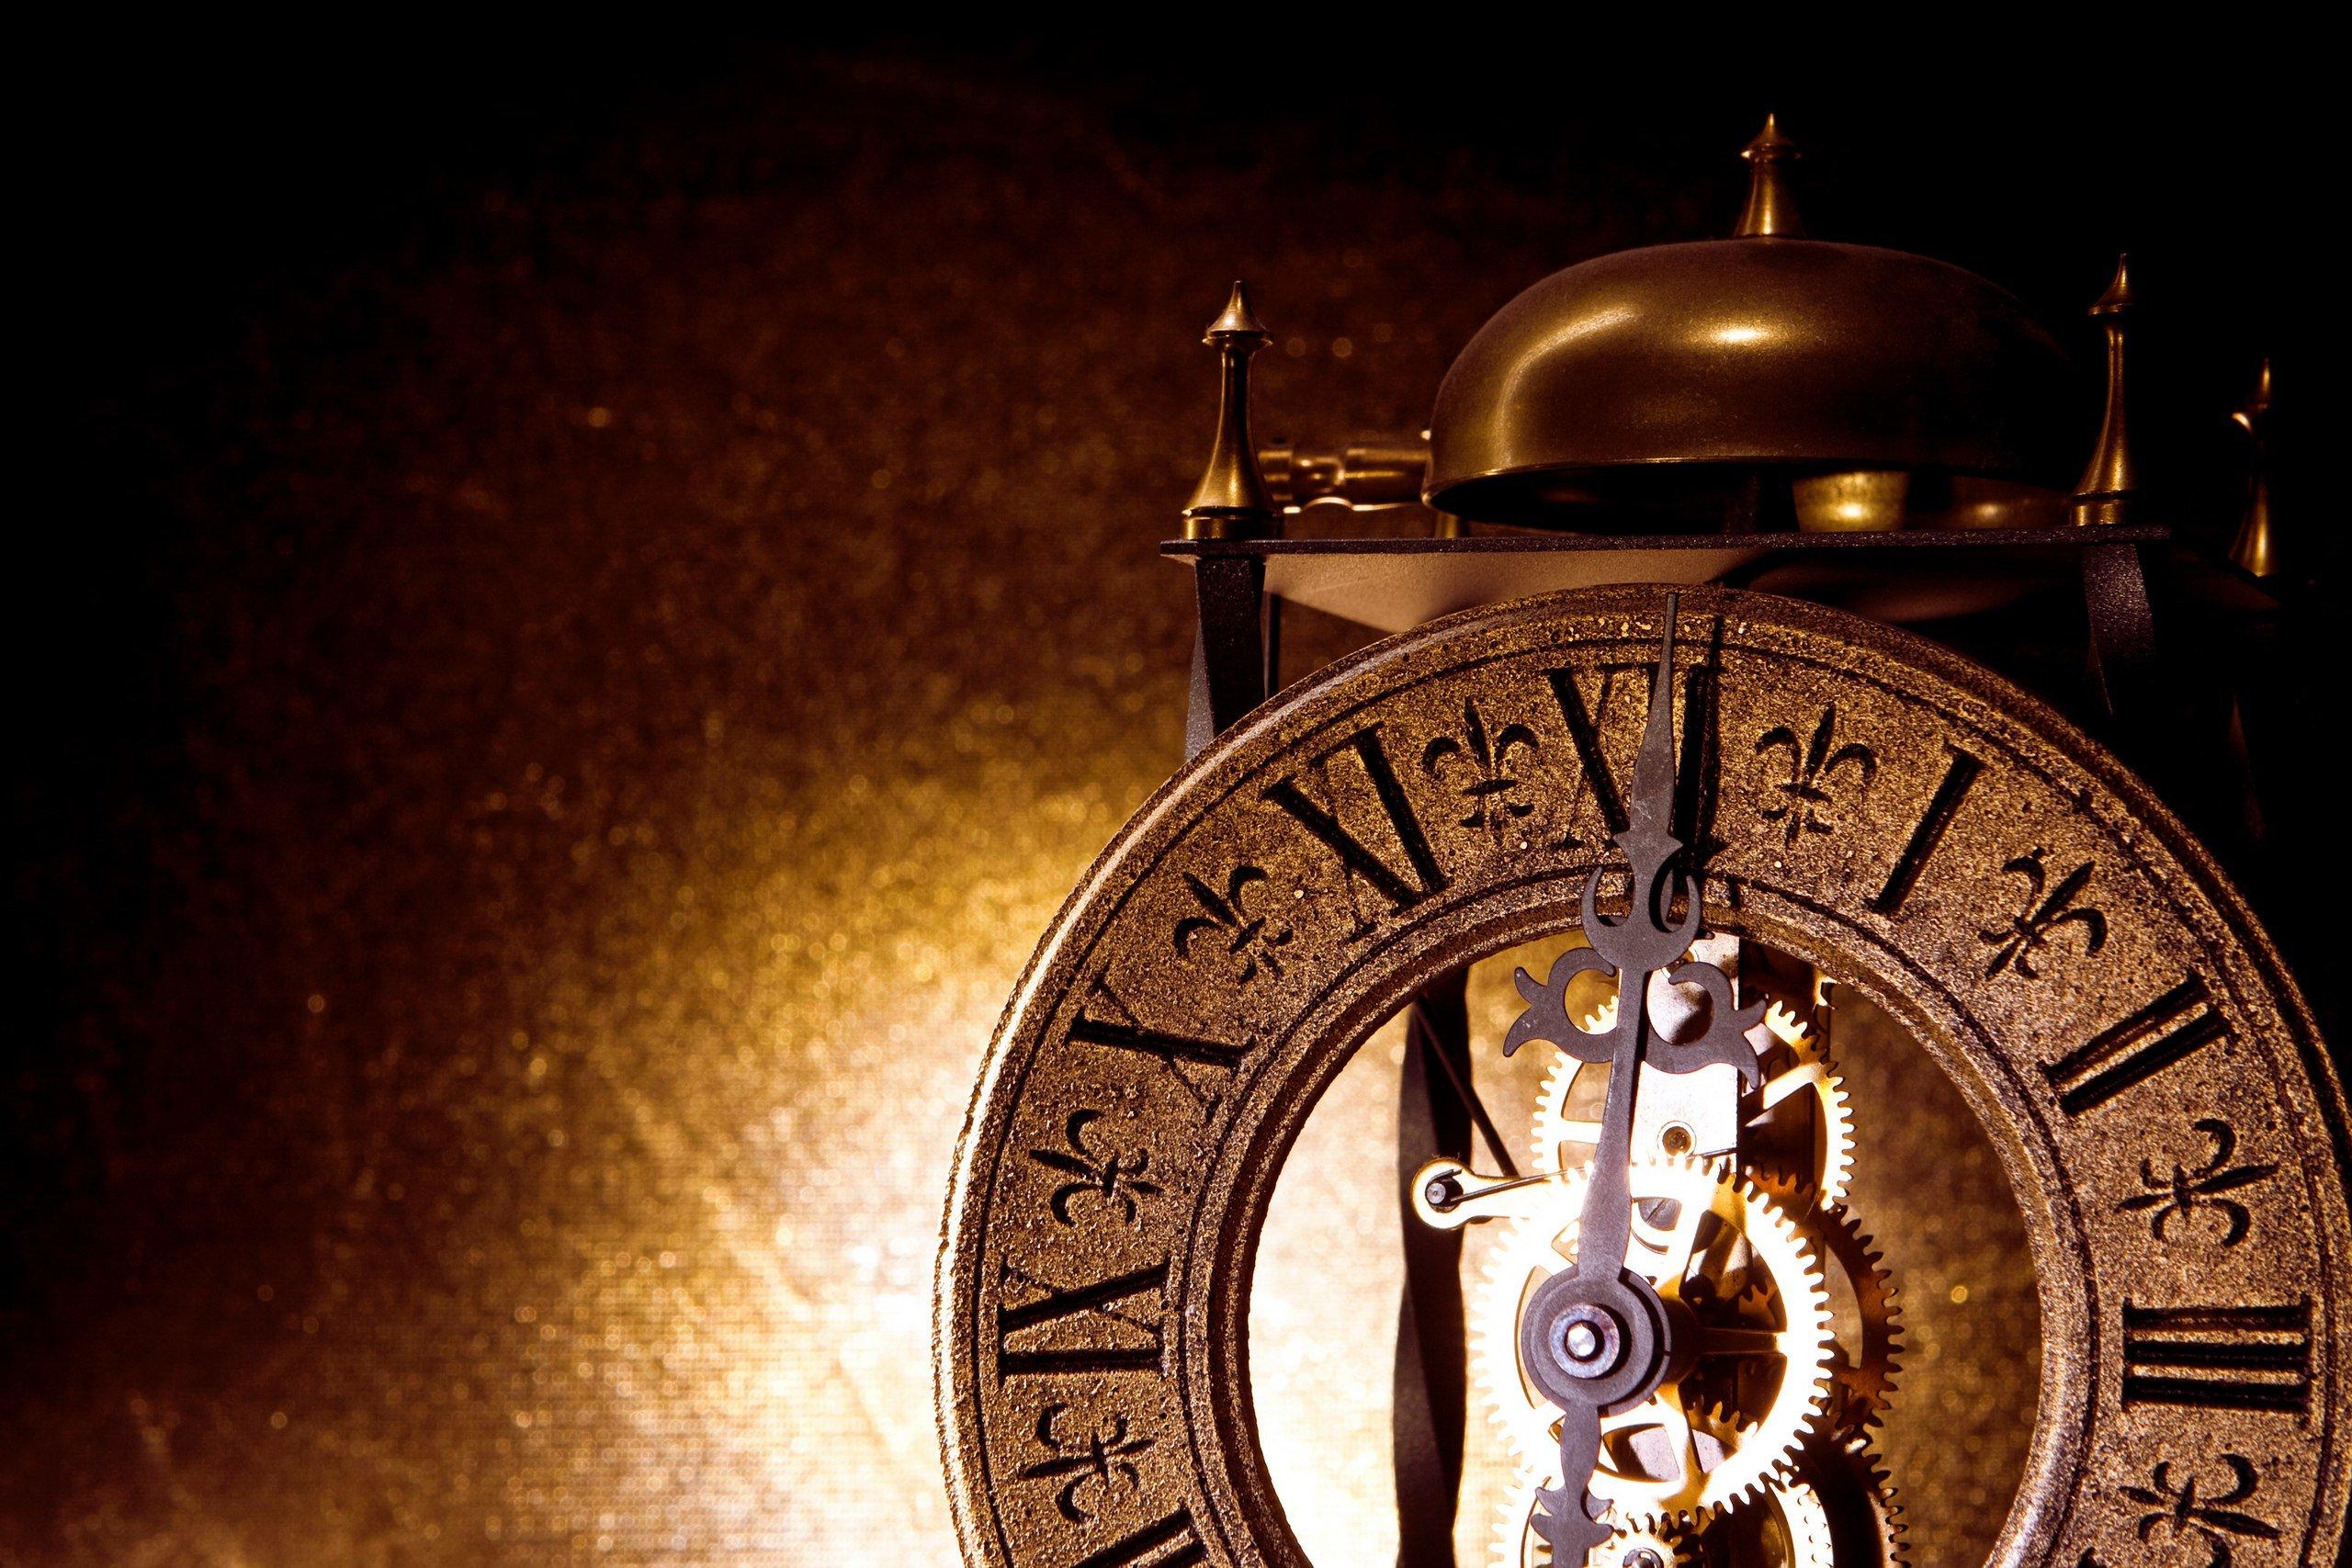 Программа «Время прячется вчасах»